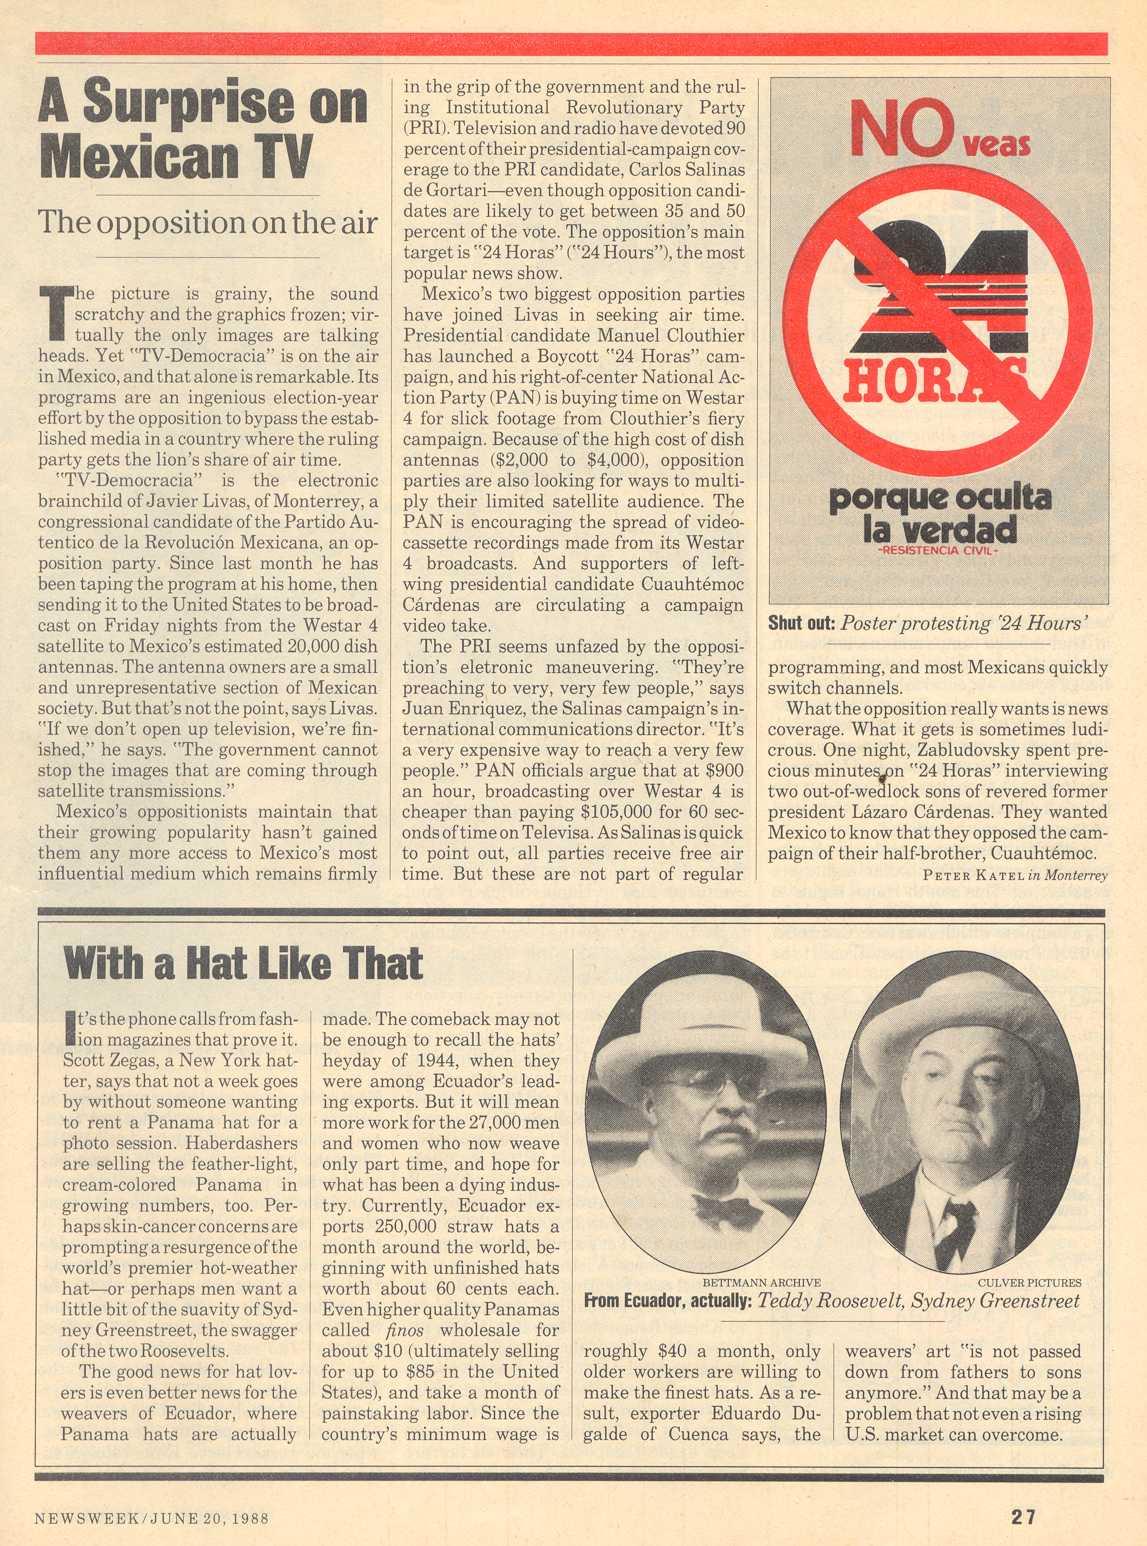 Peter Katel in Monterrey – NEWSWEEK Magazine (1988)